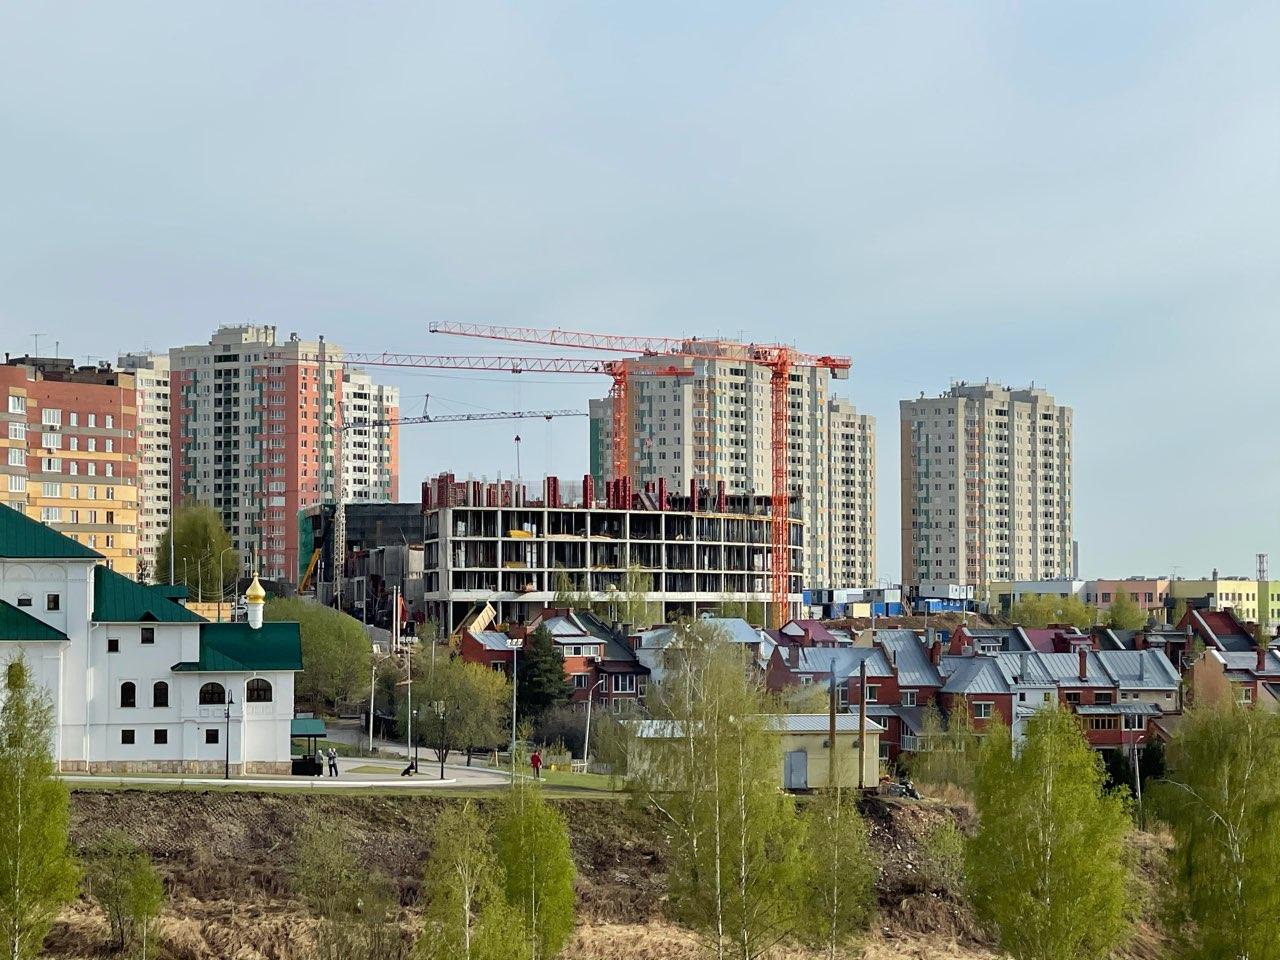 Количество ДДУ в Нижегородской области в апреле выросло на 14%  - фото 1